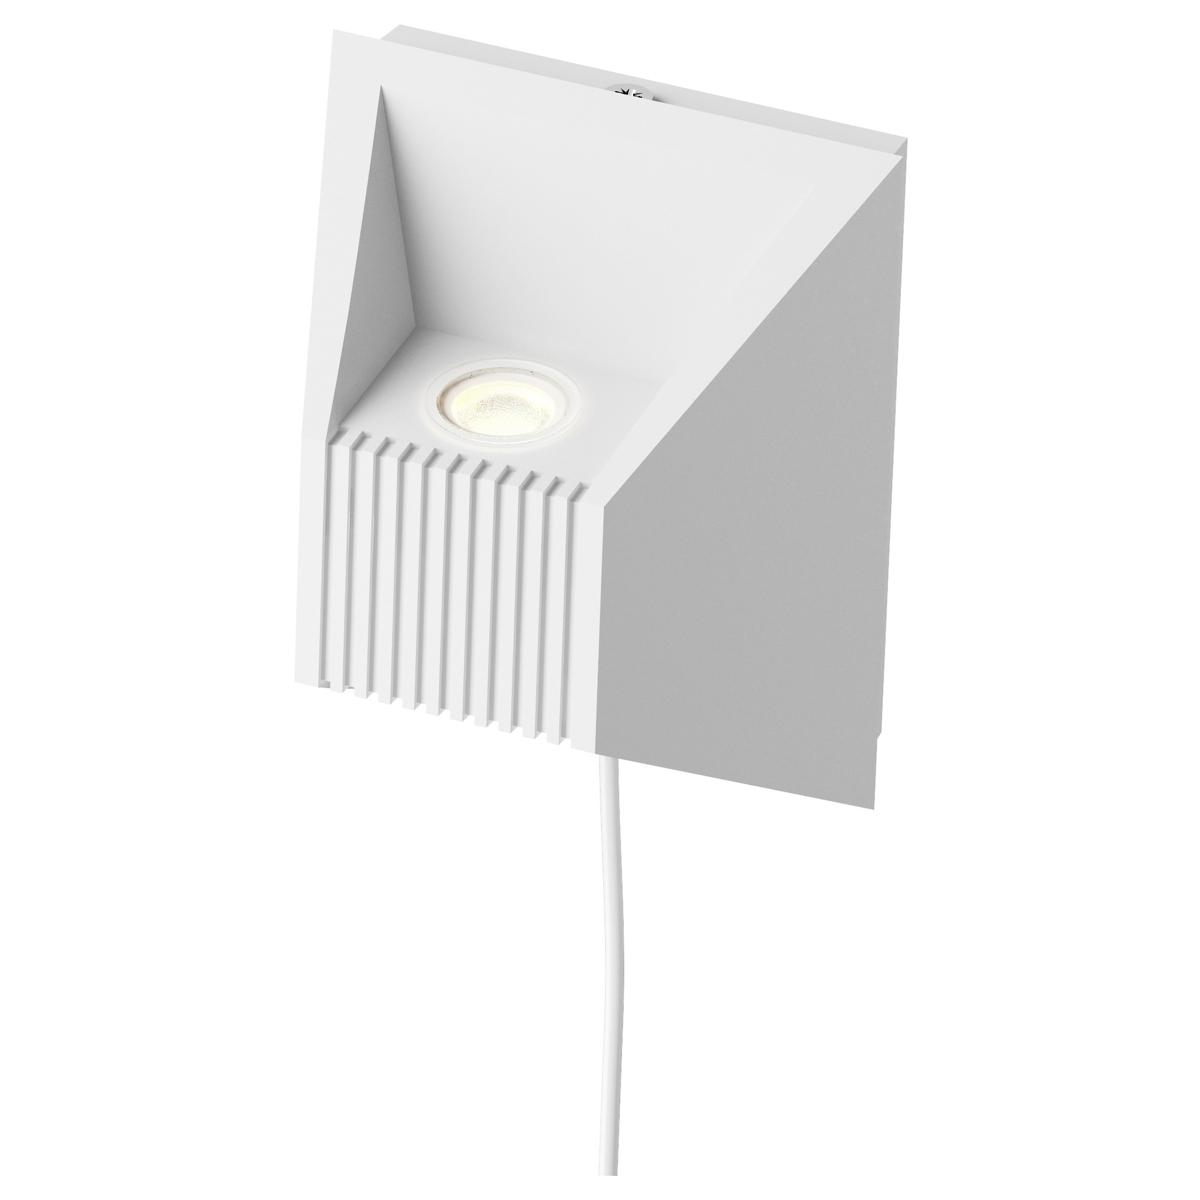 lámparas para el dormitorio - mod. VIKT